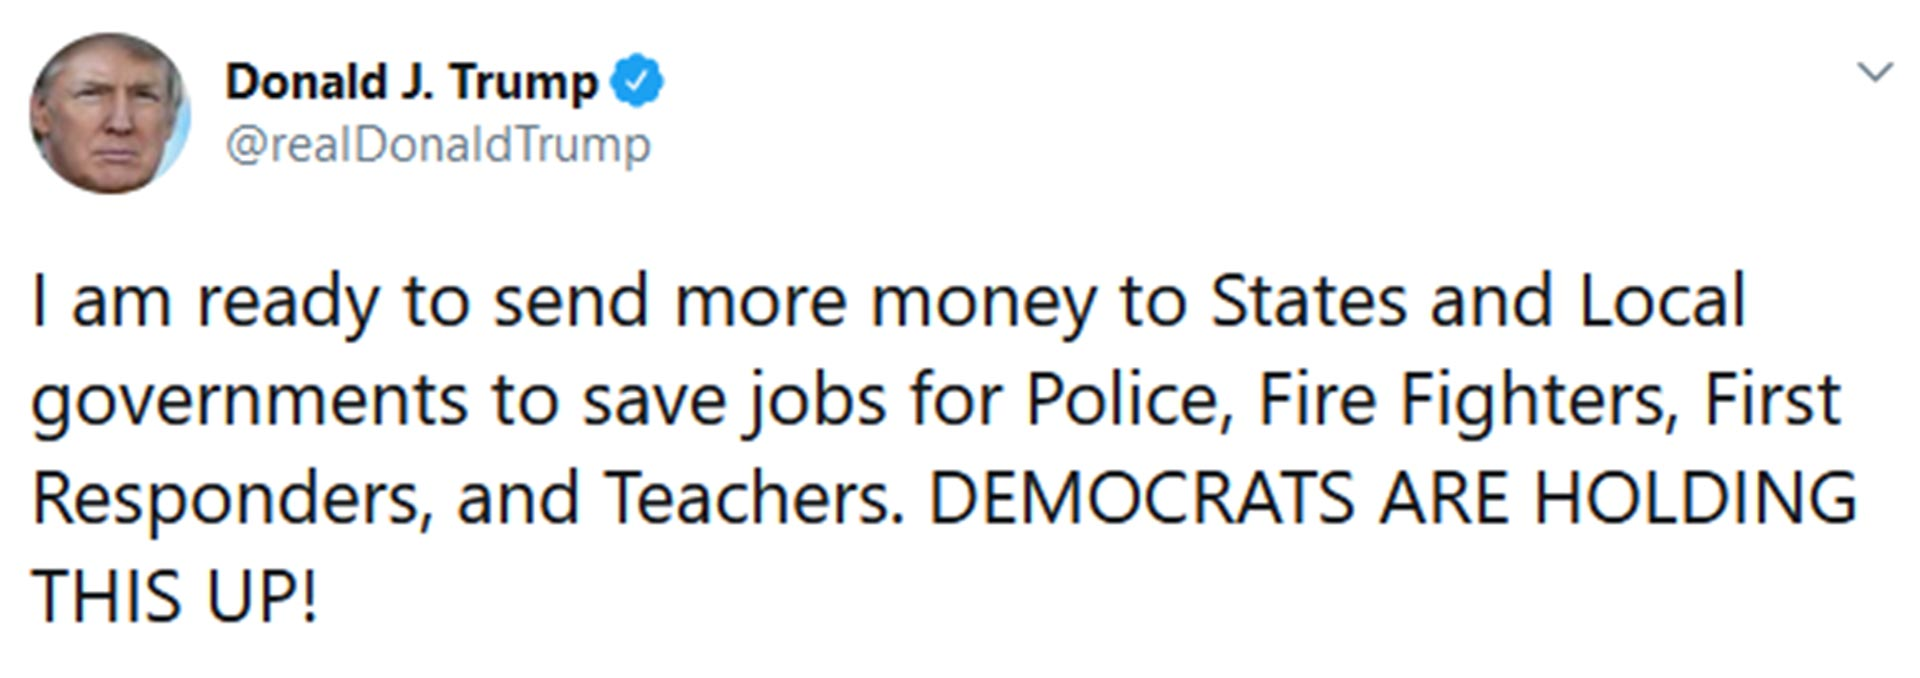 """""""Estoy listo para enviar más dinero a los gobiernos estatales y locales para salvar puestos de trabajo para la policía, los bomberos y los maestros. ¡LOS DEMÓCRATAS ESTÁN EVITANDO QUE ESTO OCURRA!"""""""